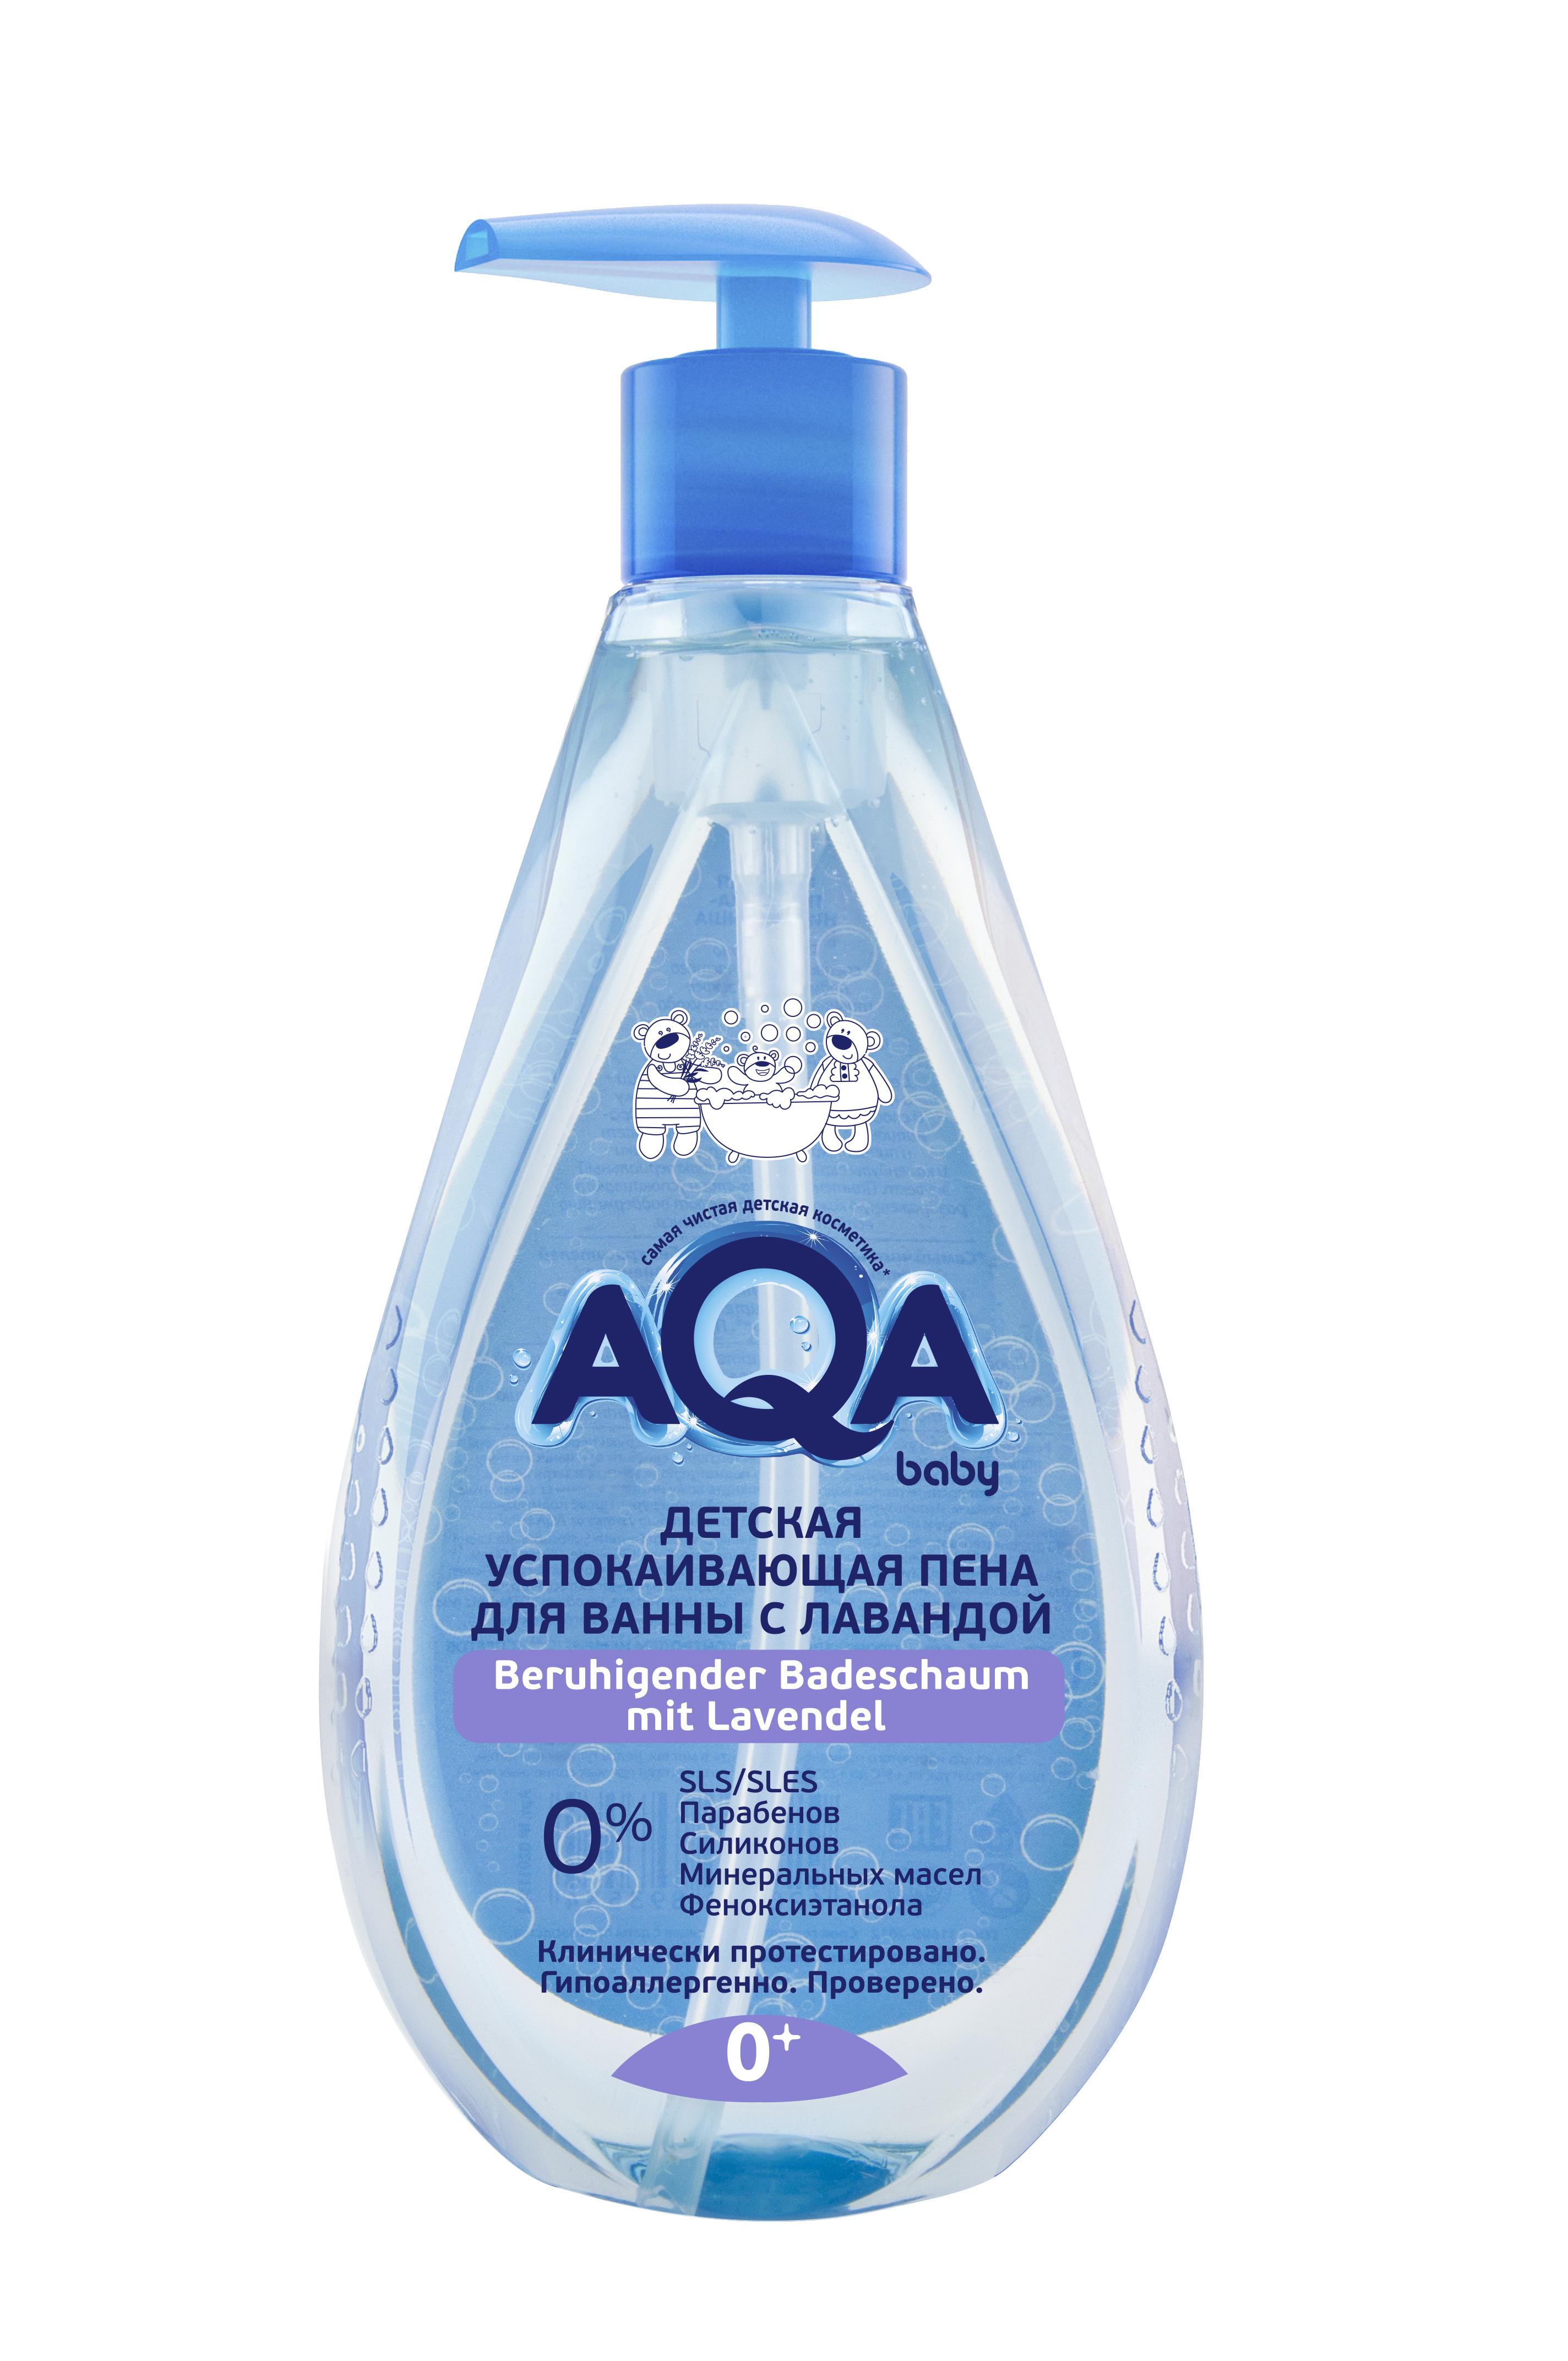 Детская успокаивающая пена для ванны AQA baby